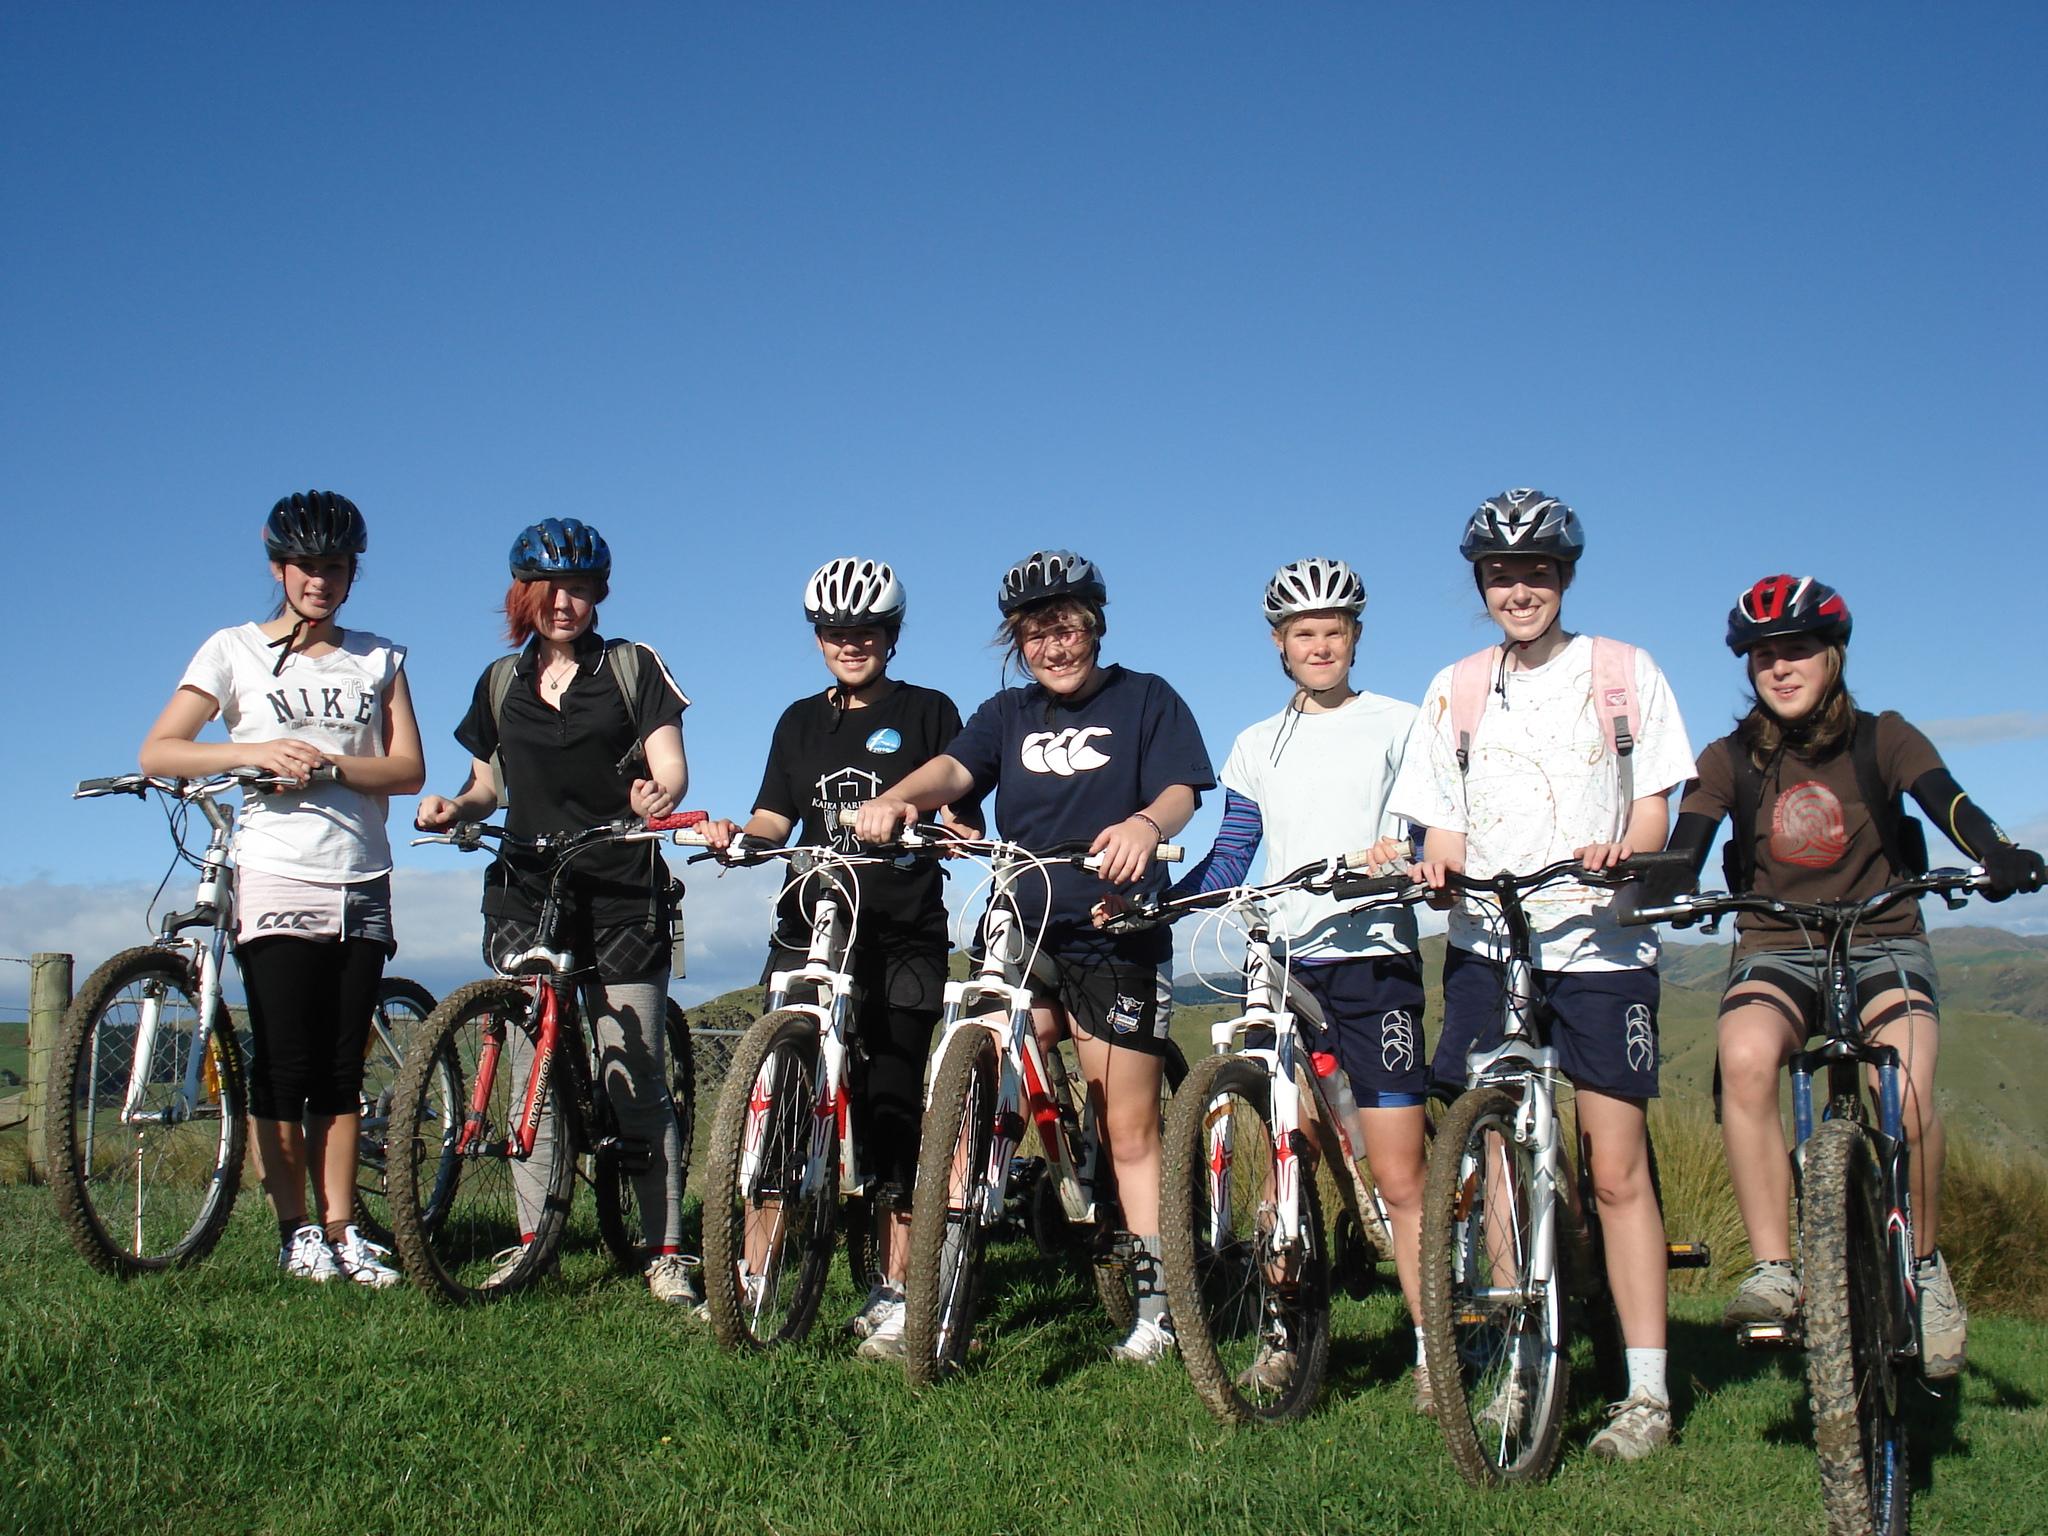 Otago Girls High School